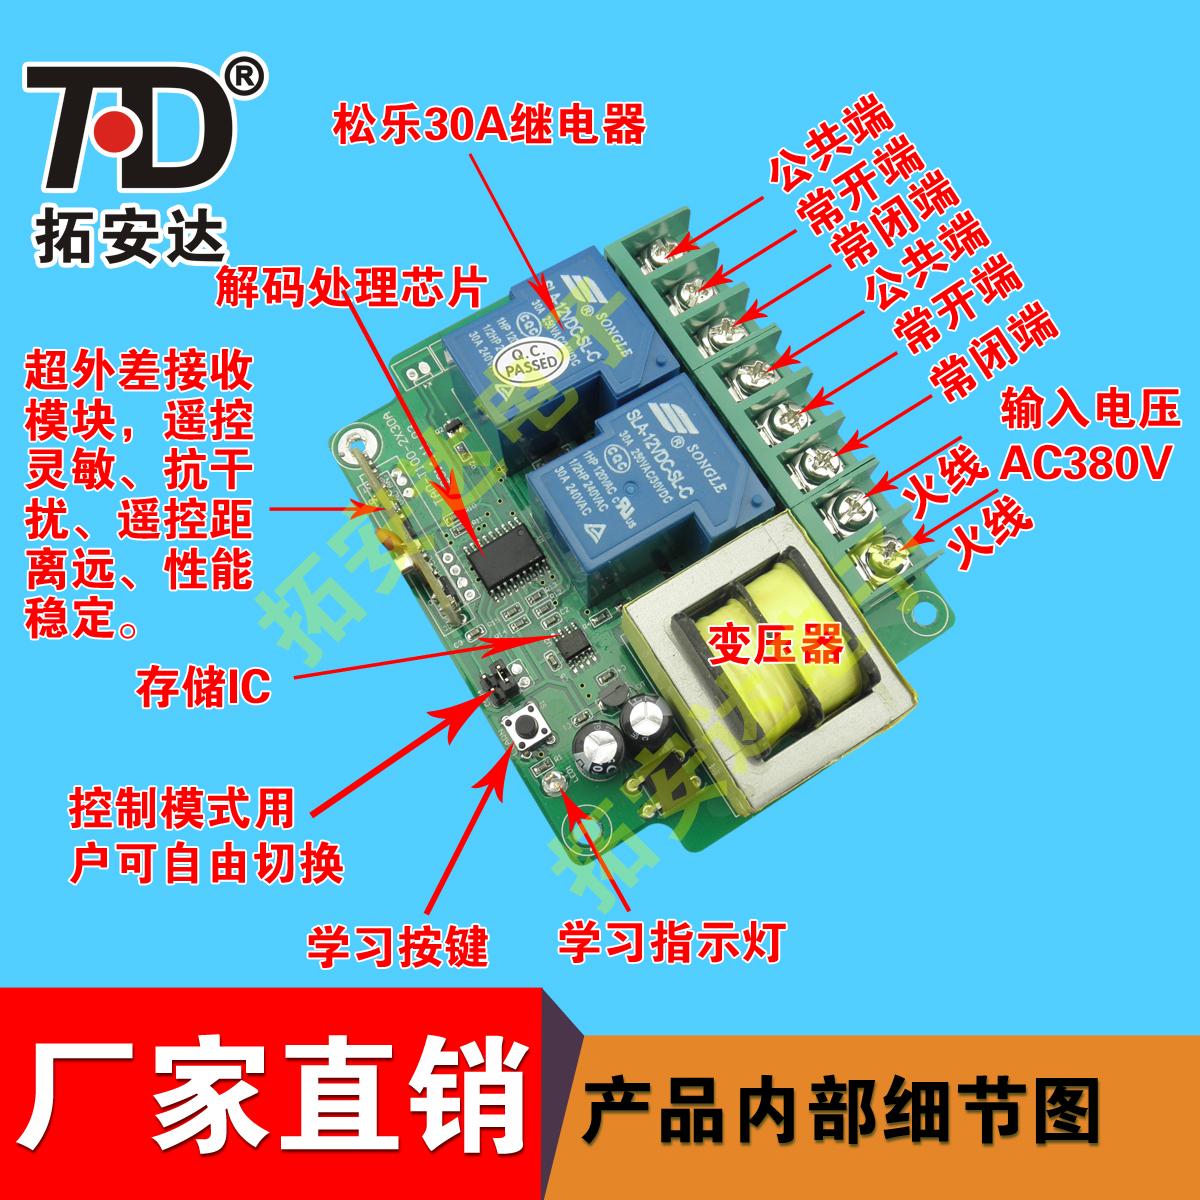 една отстъпка от 380 две моторни помпи безжично дистанционно управление 30а голяма сила, електрическа лебедка обратно